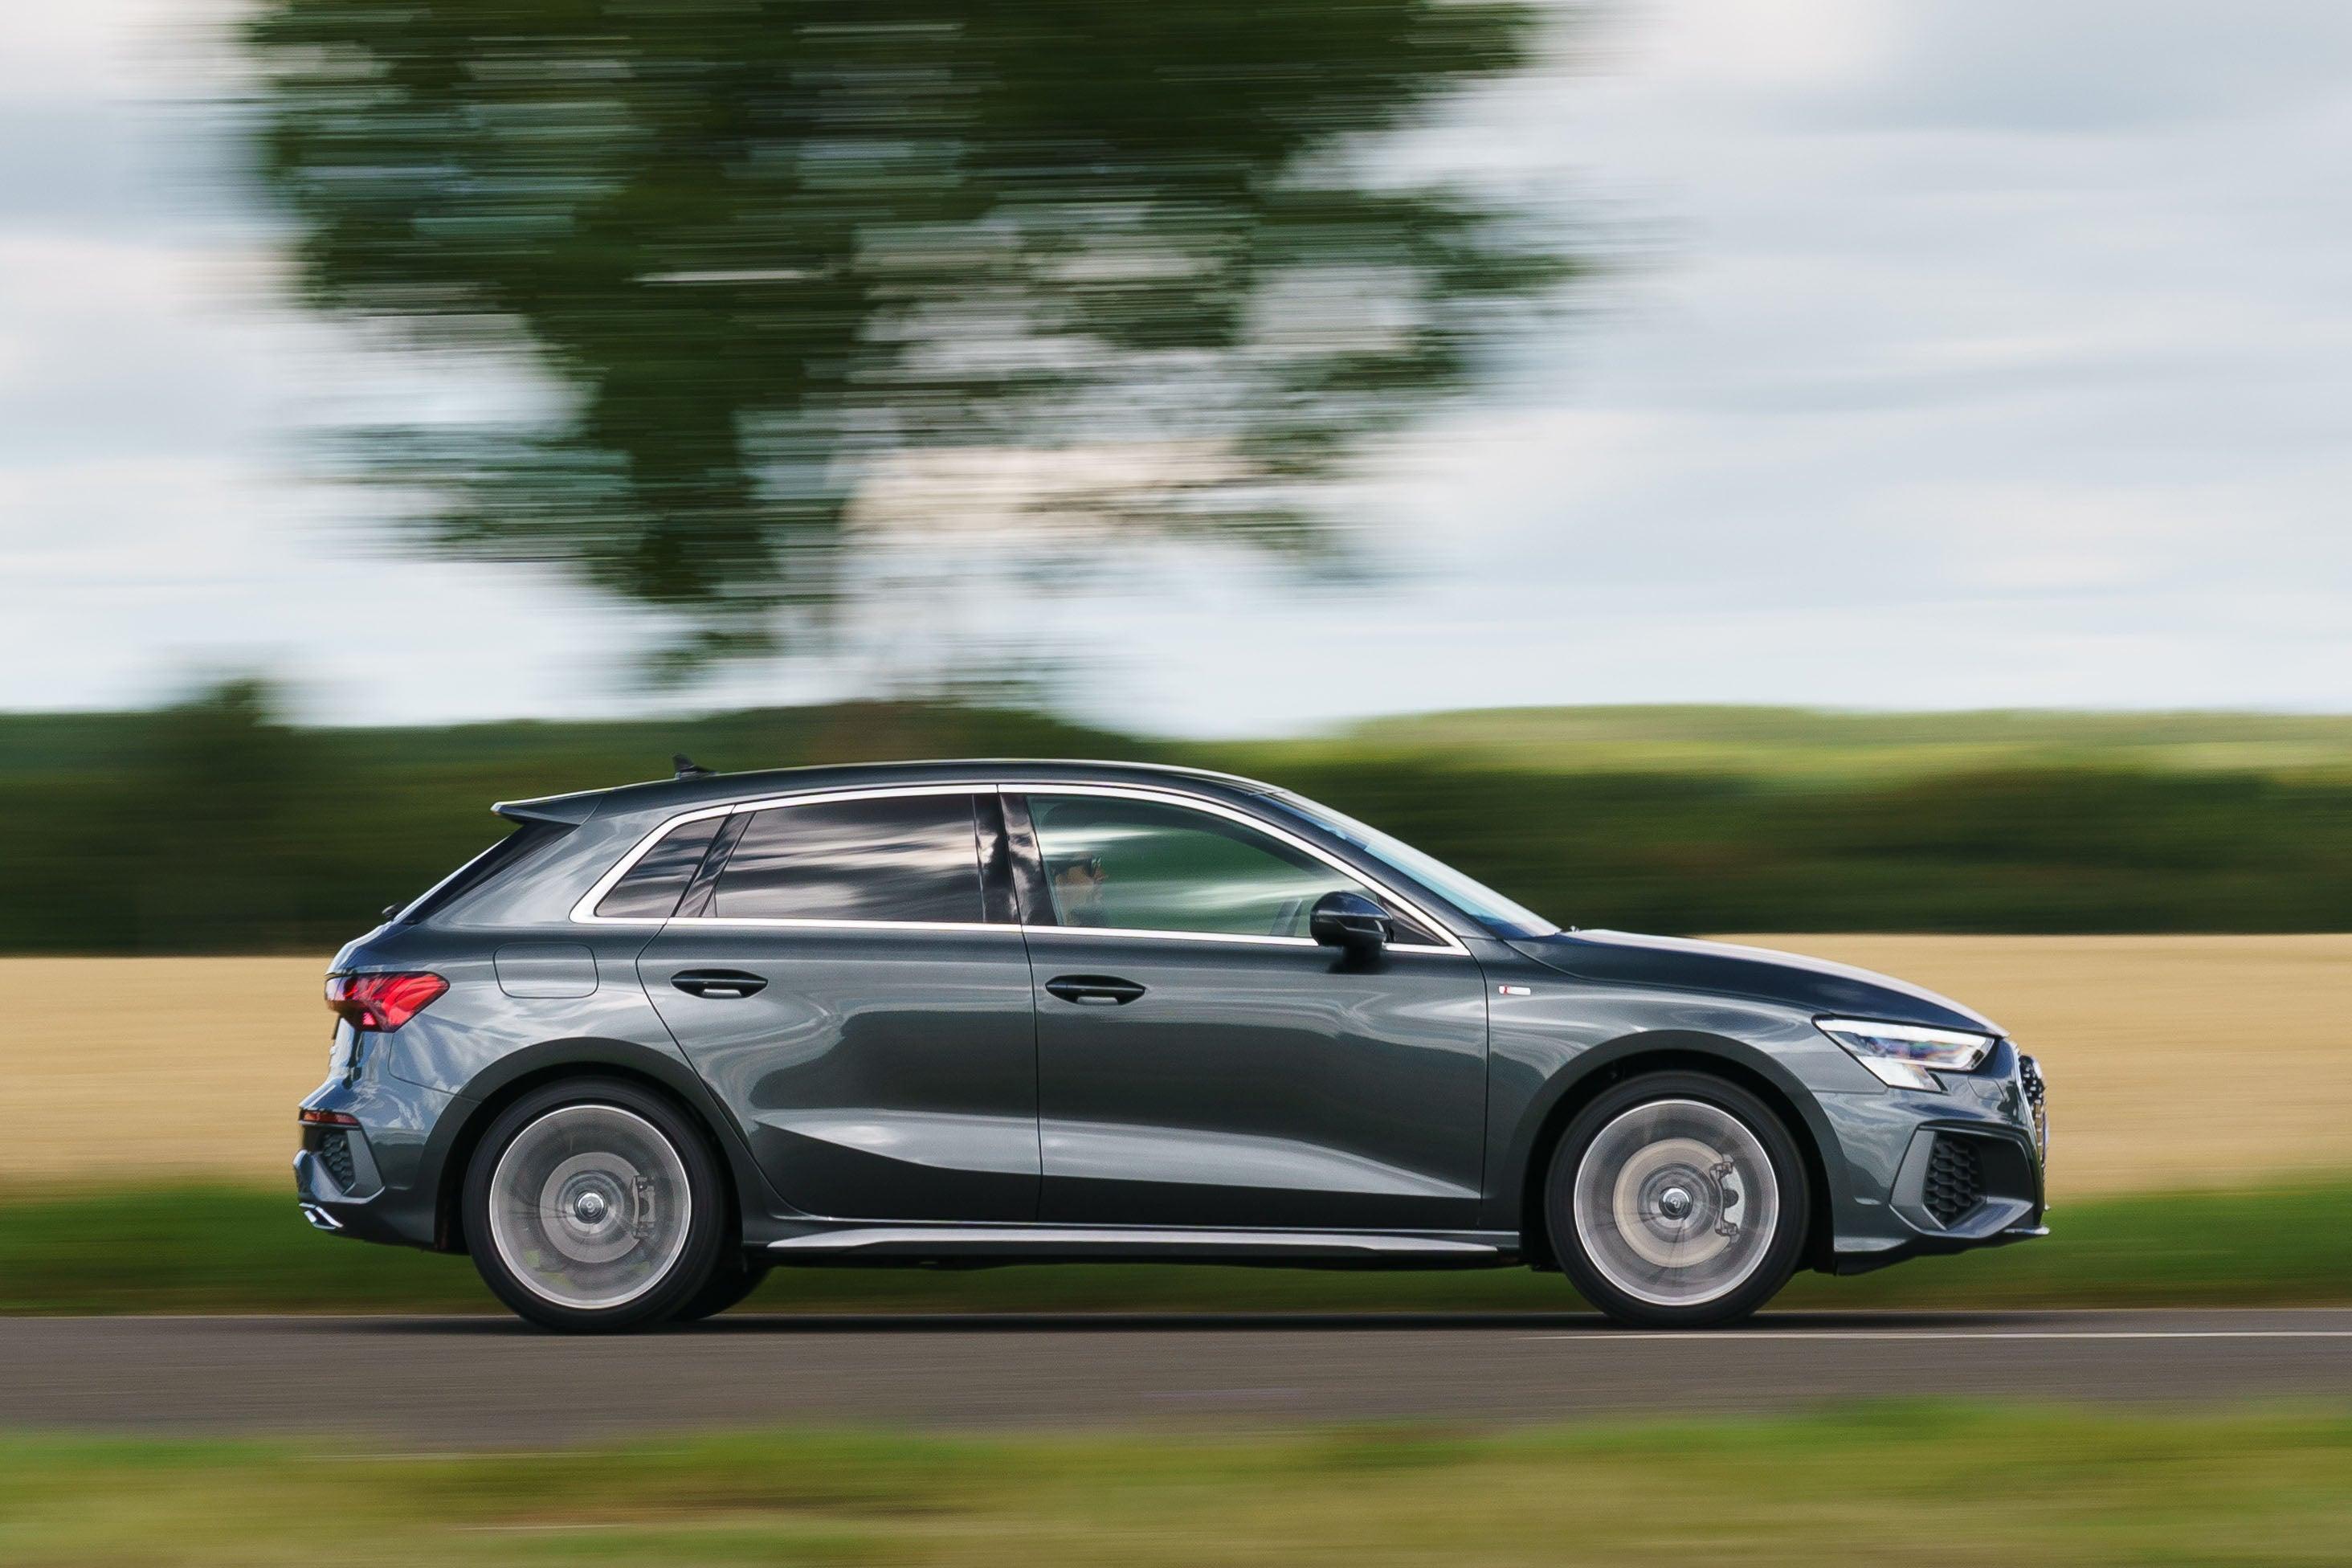 Audi A3 Sportback profile